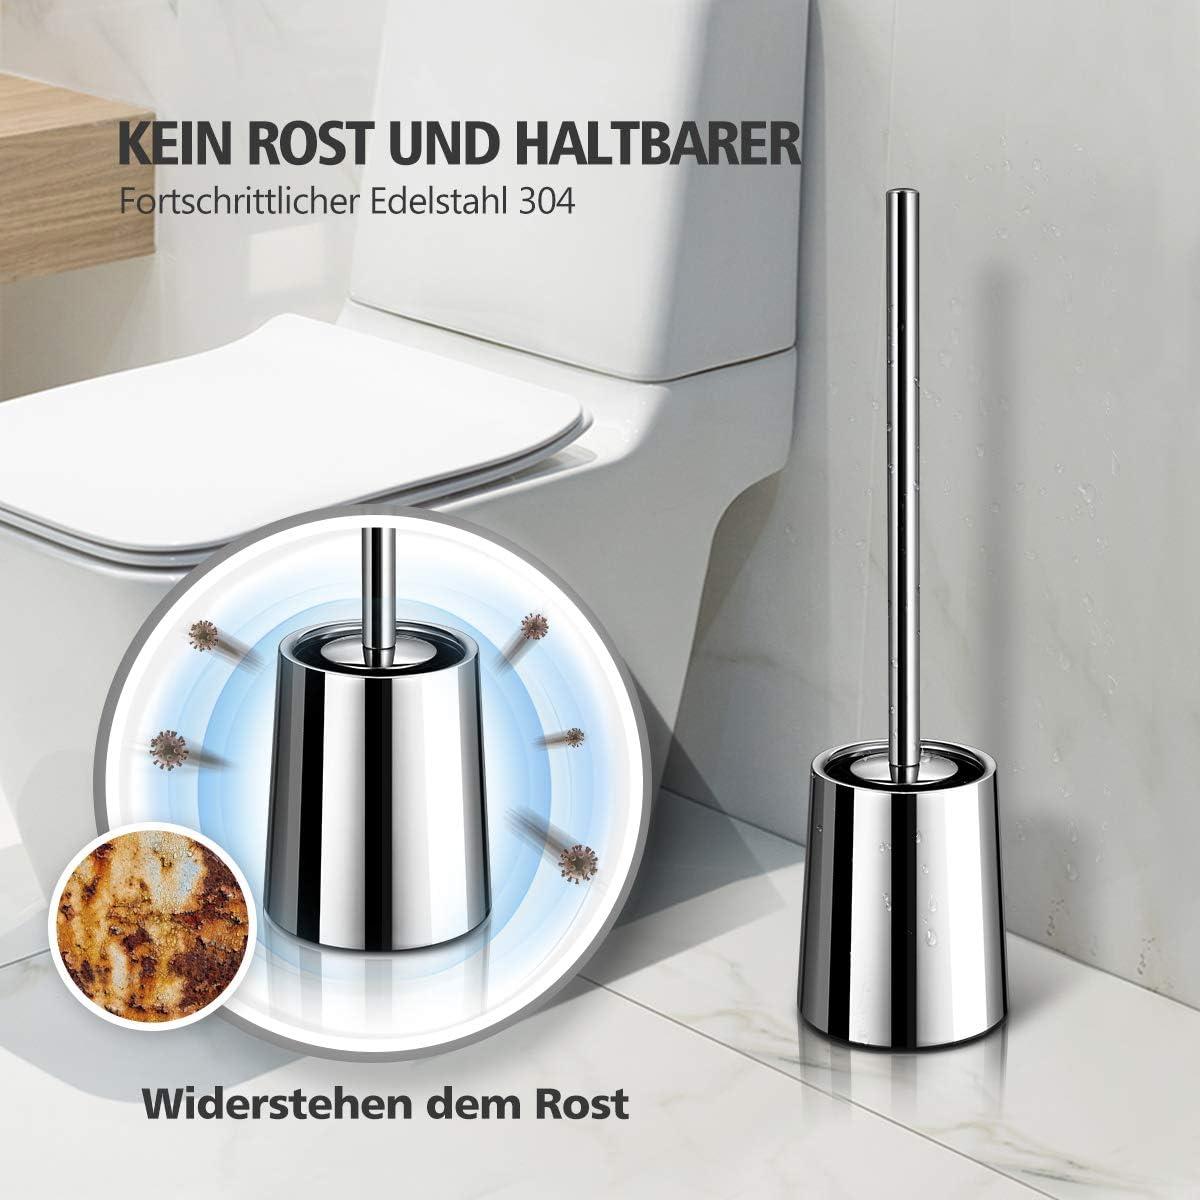 Scopino per WC in acciaio inox 304 con manico lungo Homemaxs scopino per WC nascosto per bagno supporto per superficie specchiata